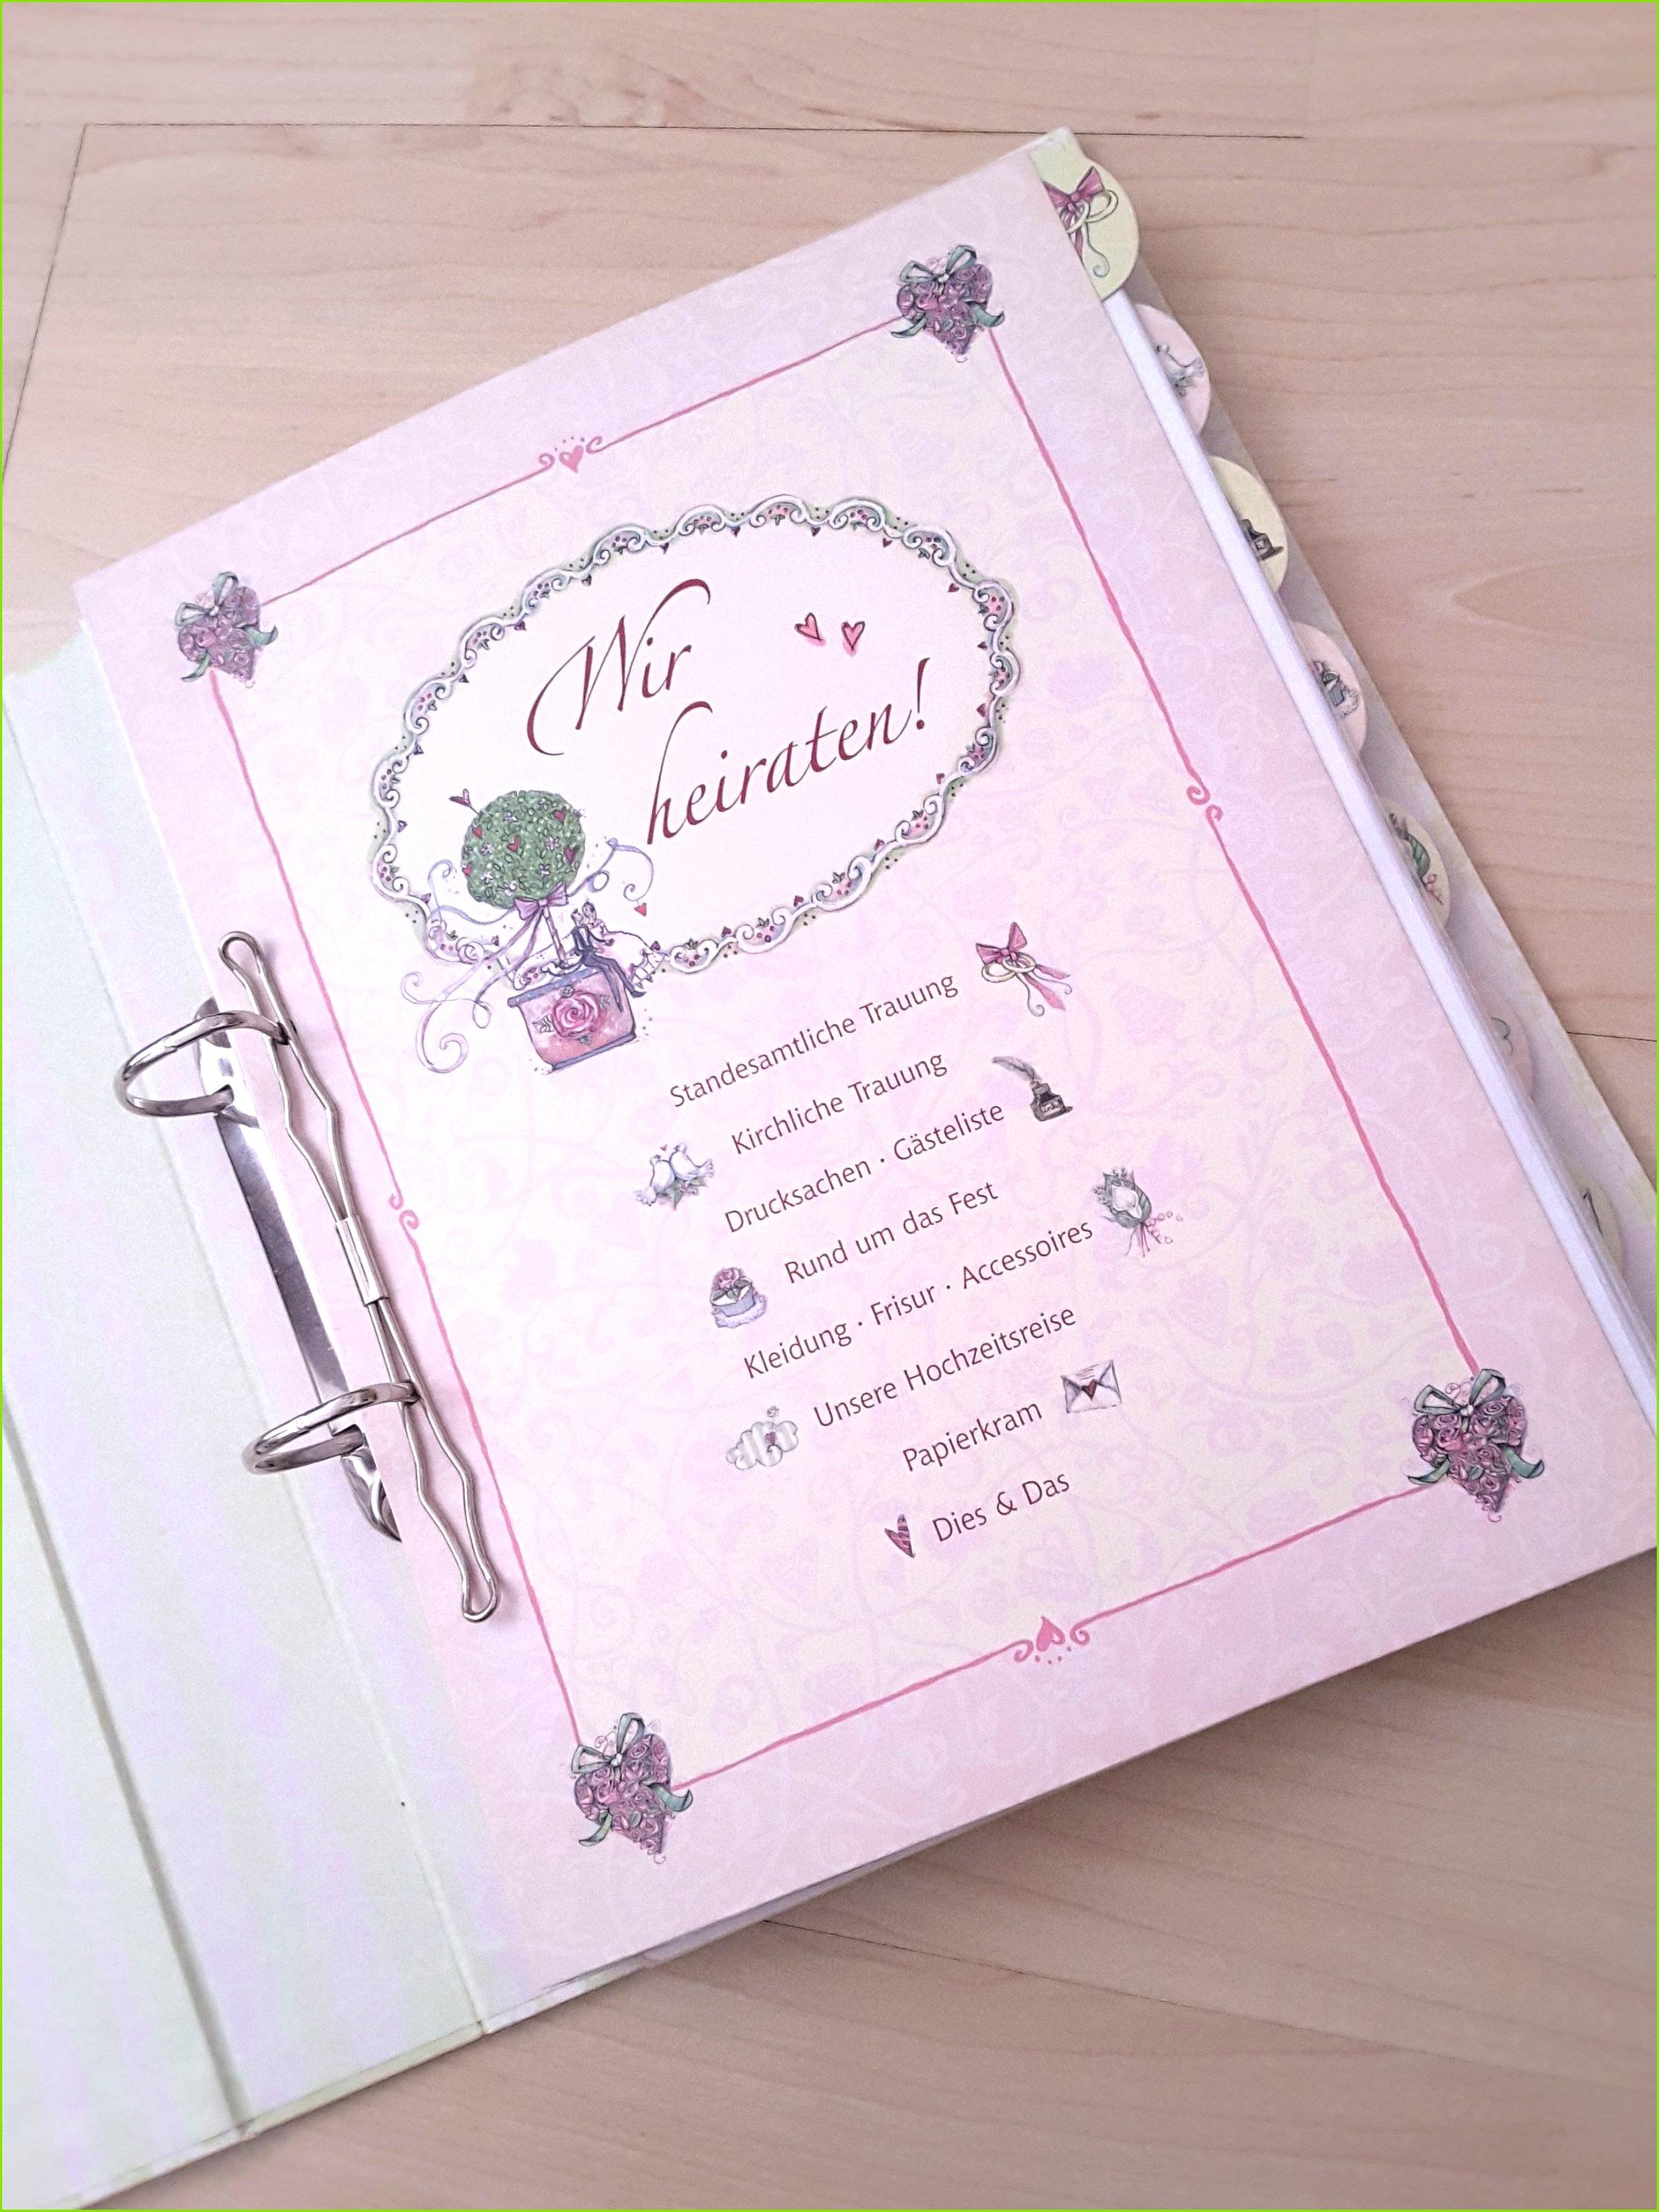 Einladung Hochzeit Schiefer Tischkarten Hochzeit Neue Probe Media Image 0d 59 82